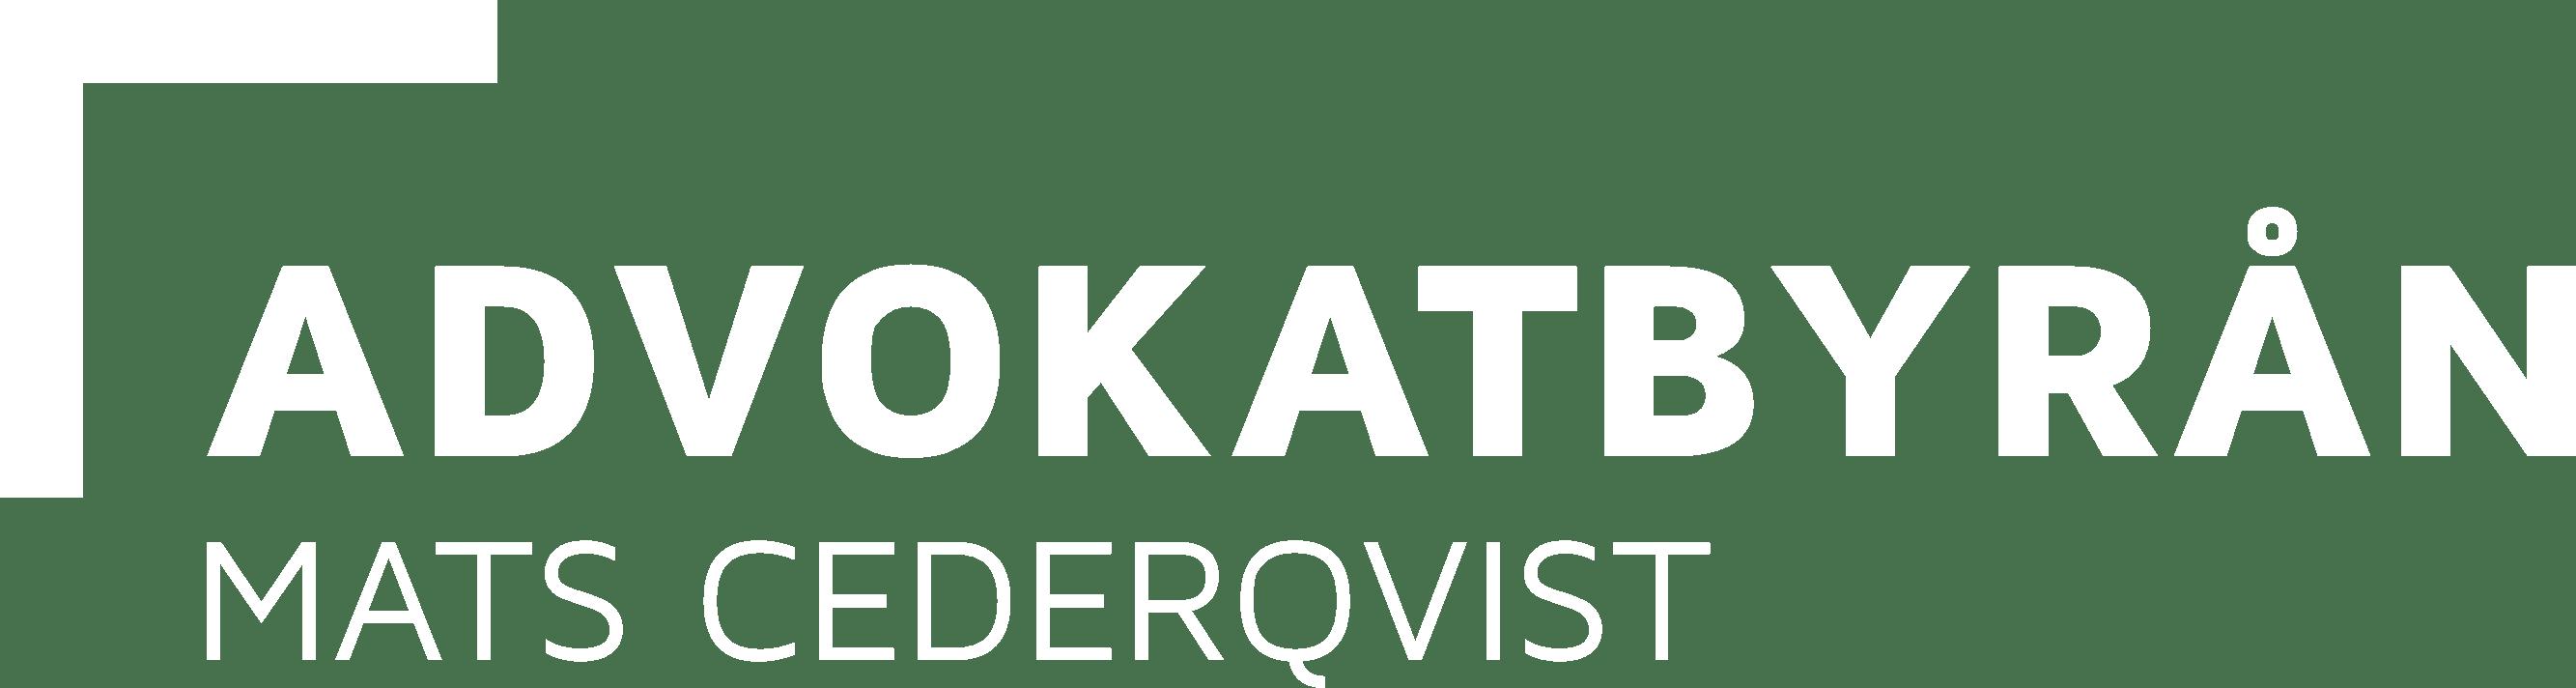 Advokatbyrån Mats Cederqvist